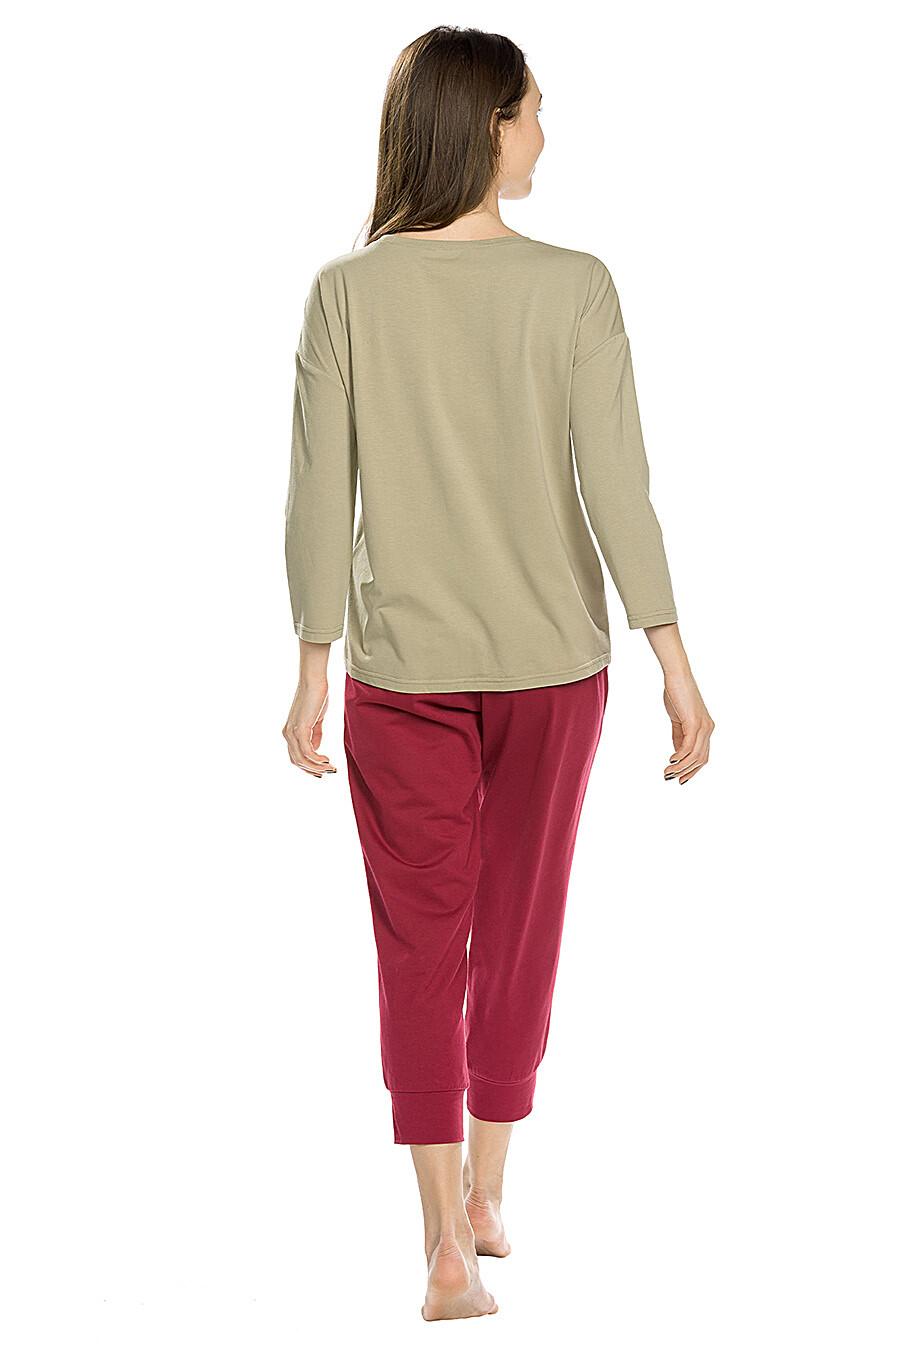 Копмлект (Бриджи+Джемпер) для женщин PELICAN 146658 купить оптом от производителя. Совместная покупка женской одежды в OptMoyo